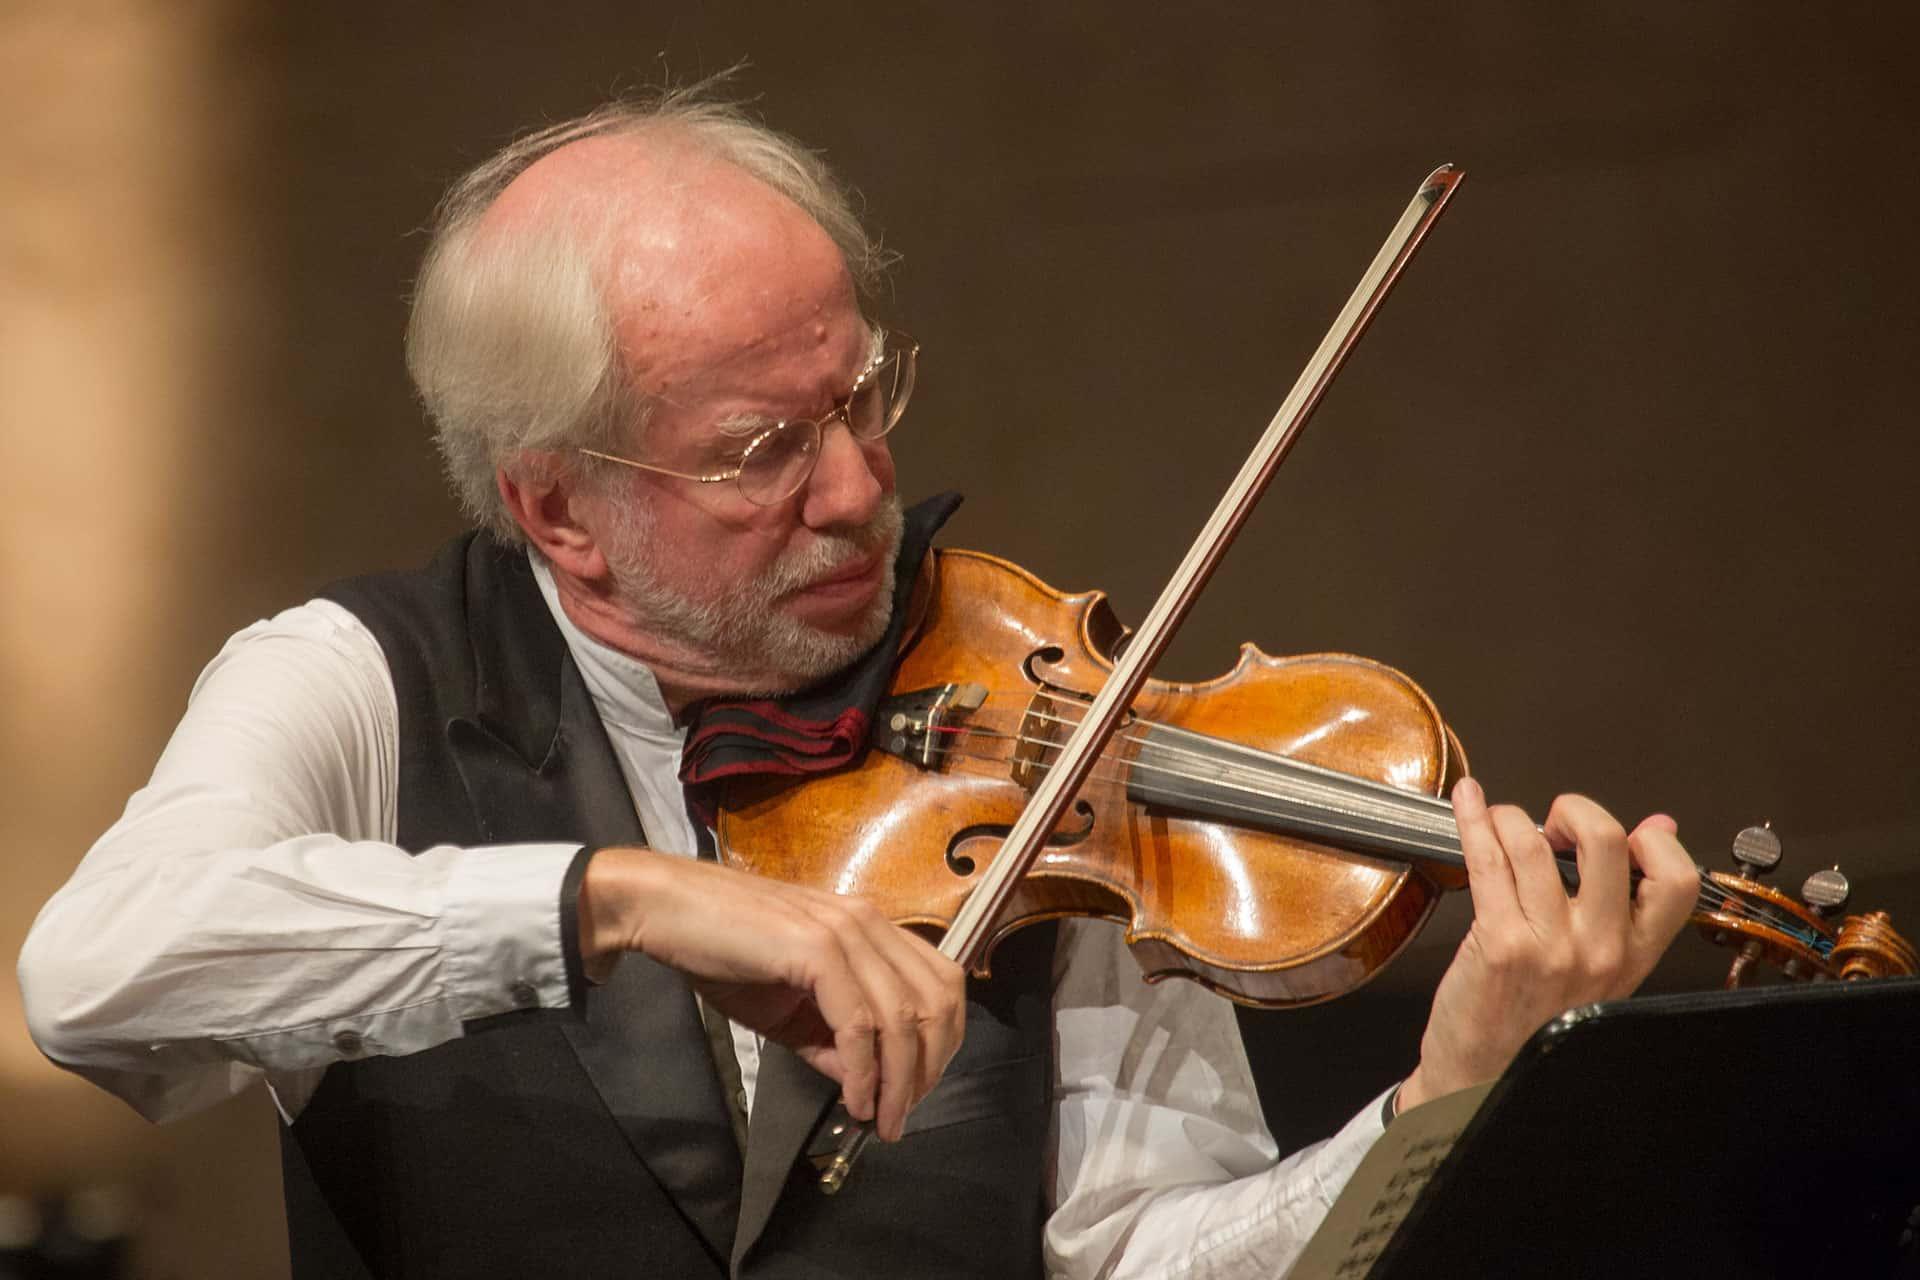 Man plays a violin